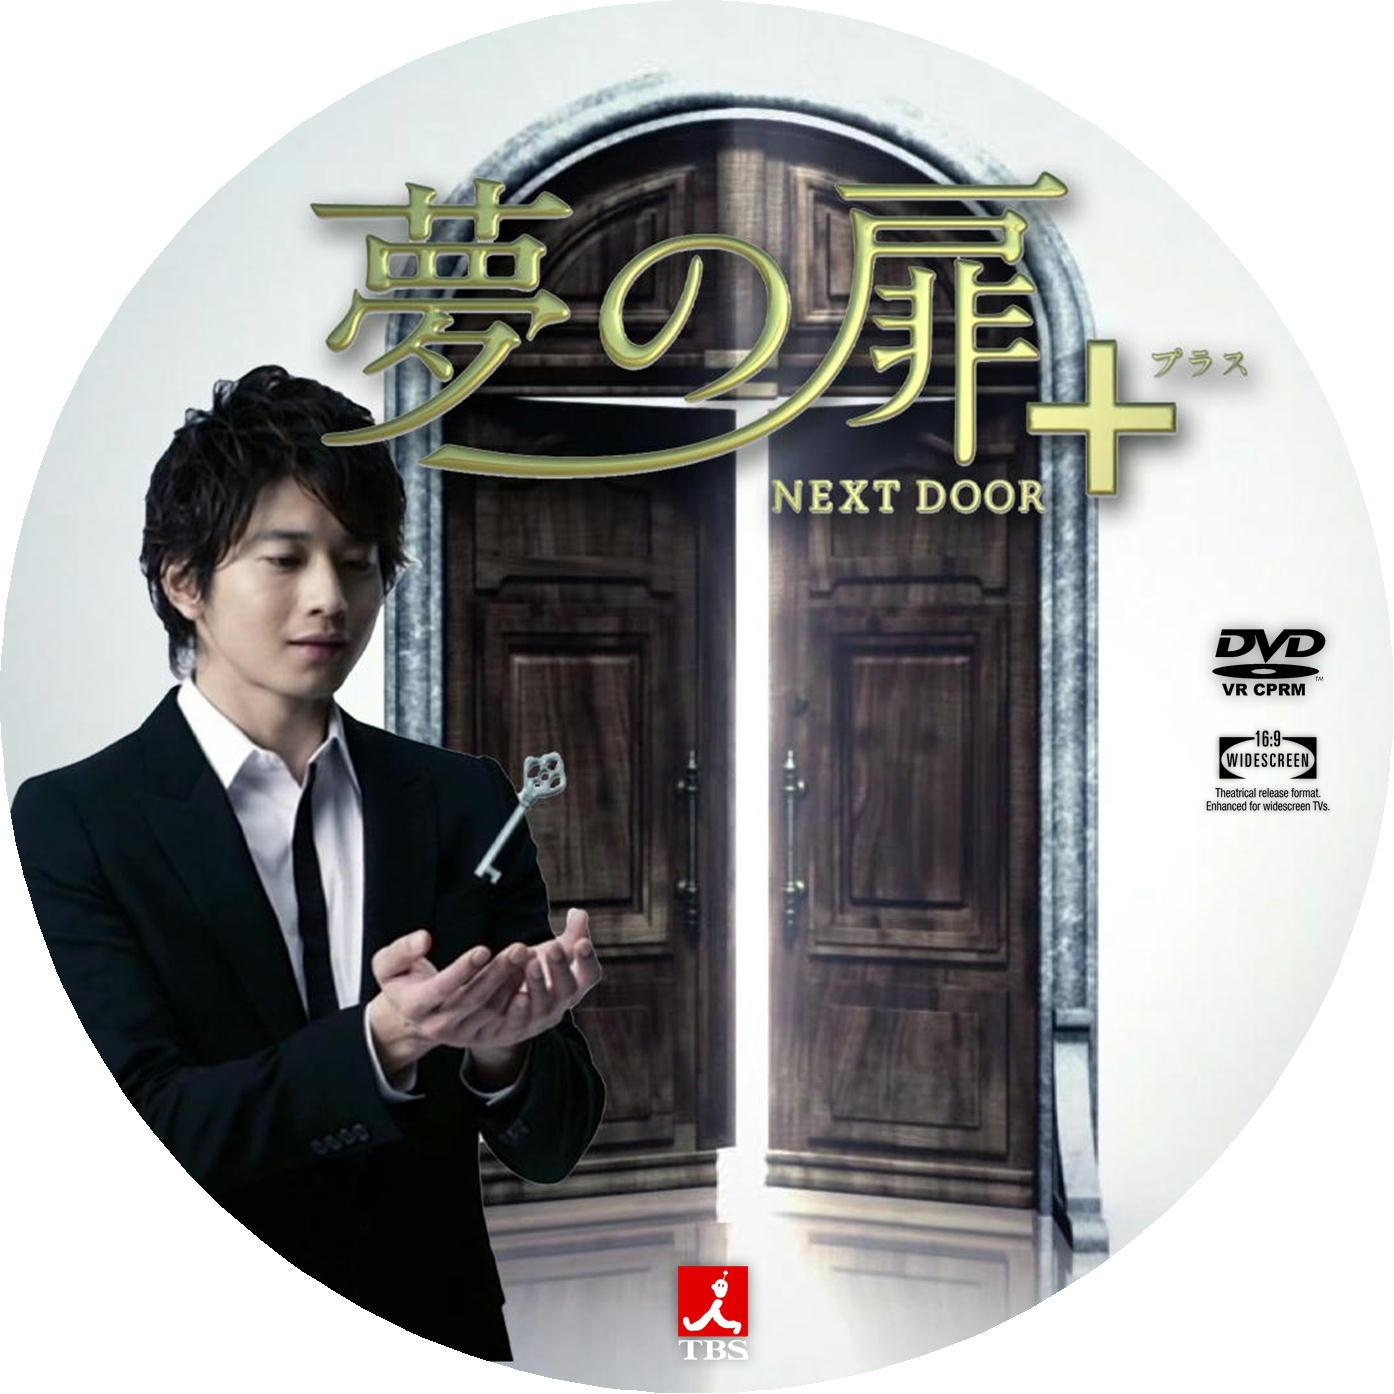 夢の扉+ DVDラベル